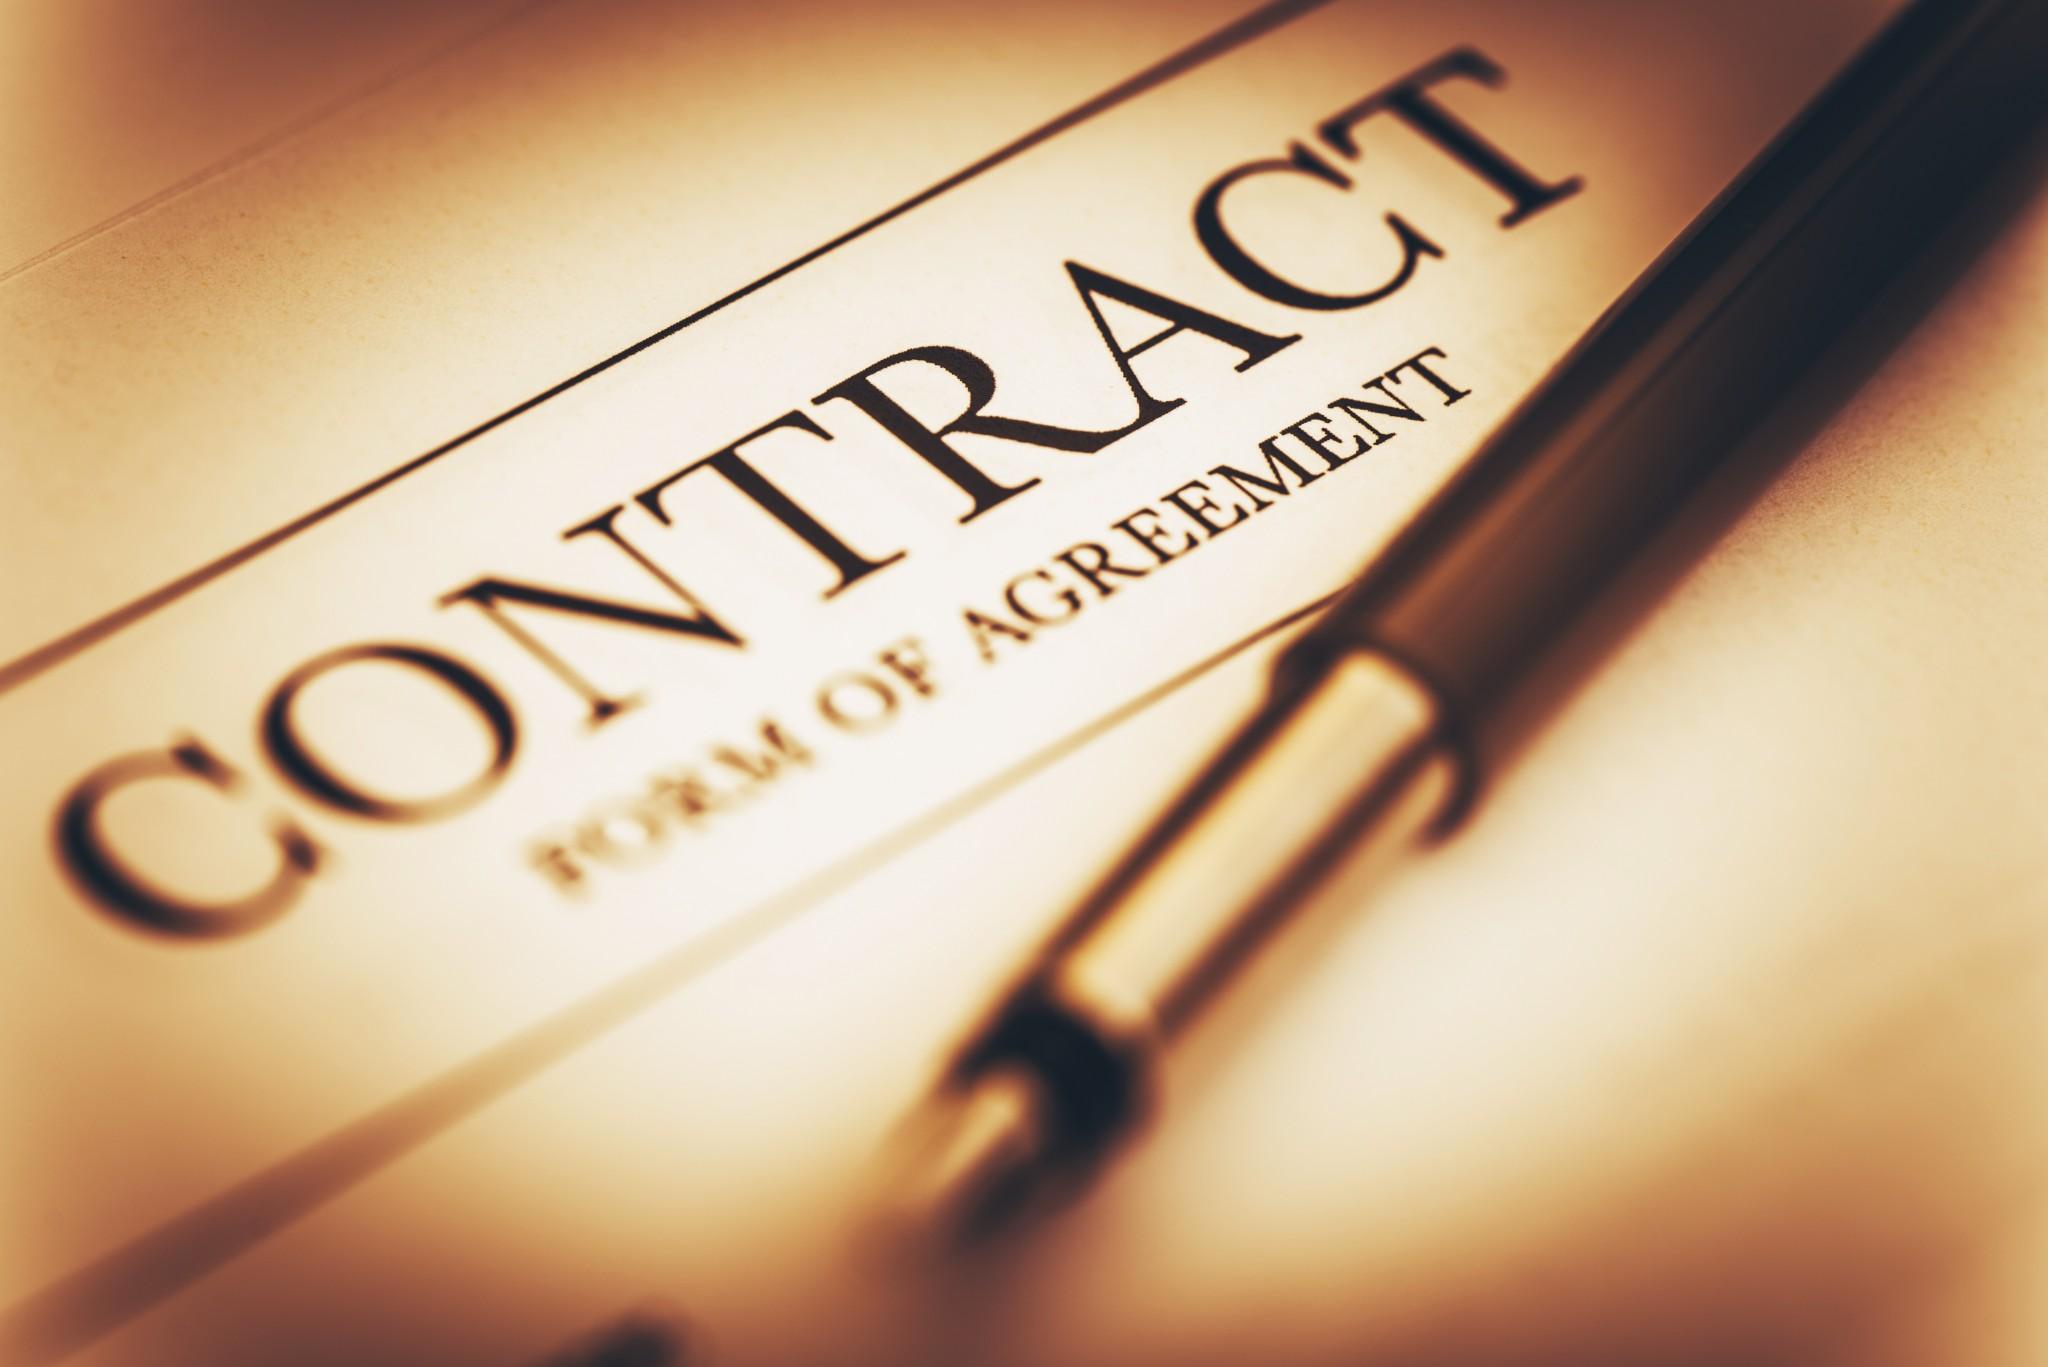 Doanh nghiệp chưa thành lập có thể giao kết hợp đồng dân sự?